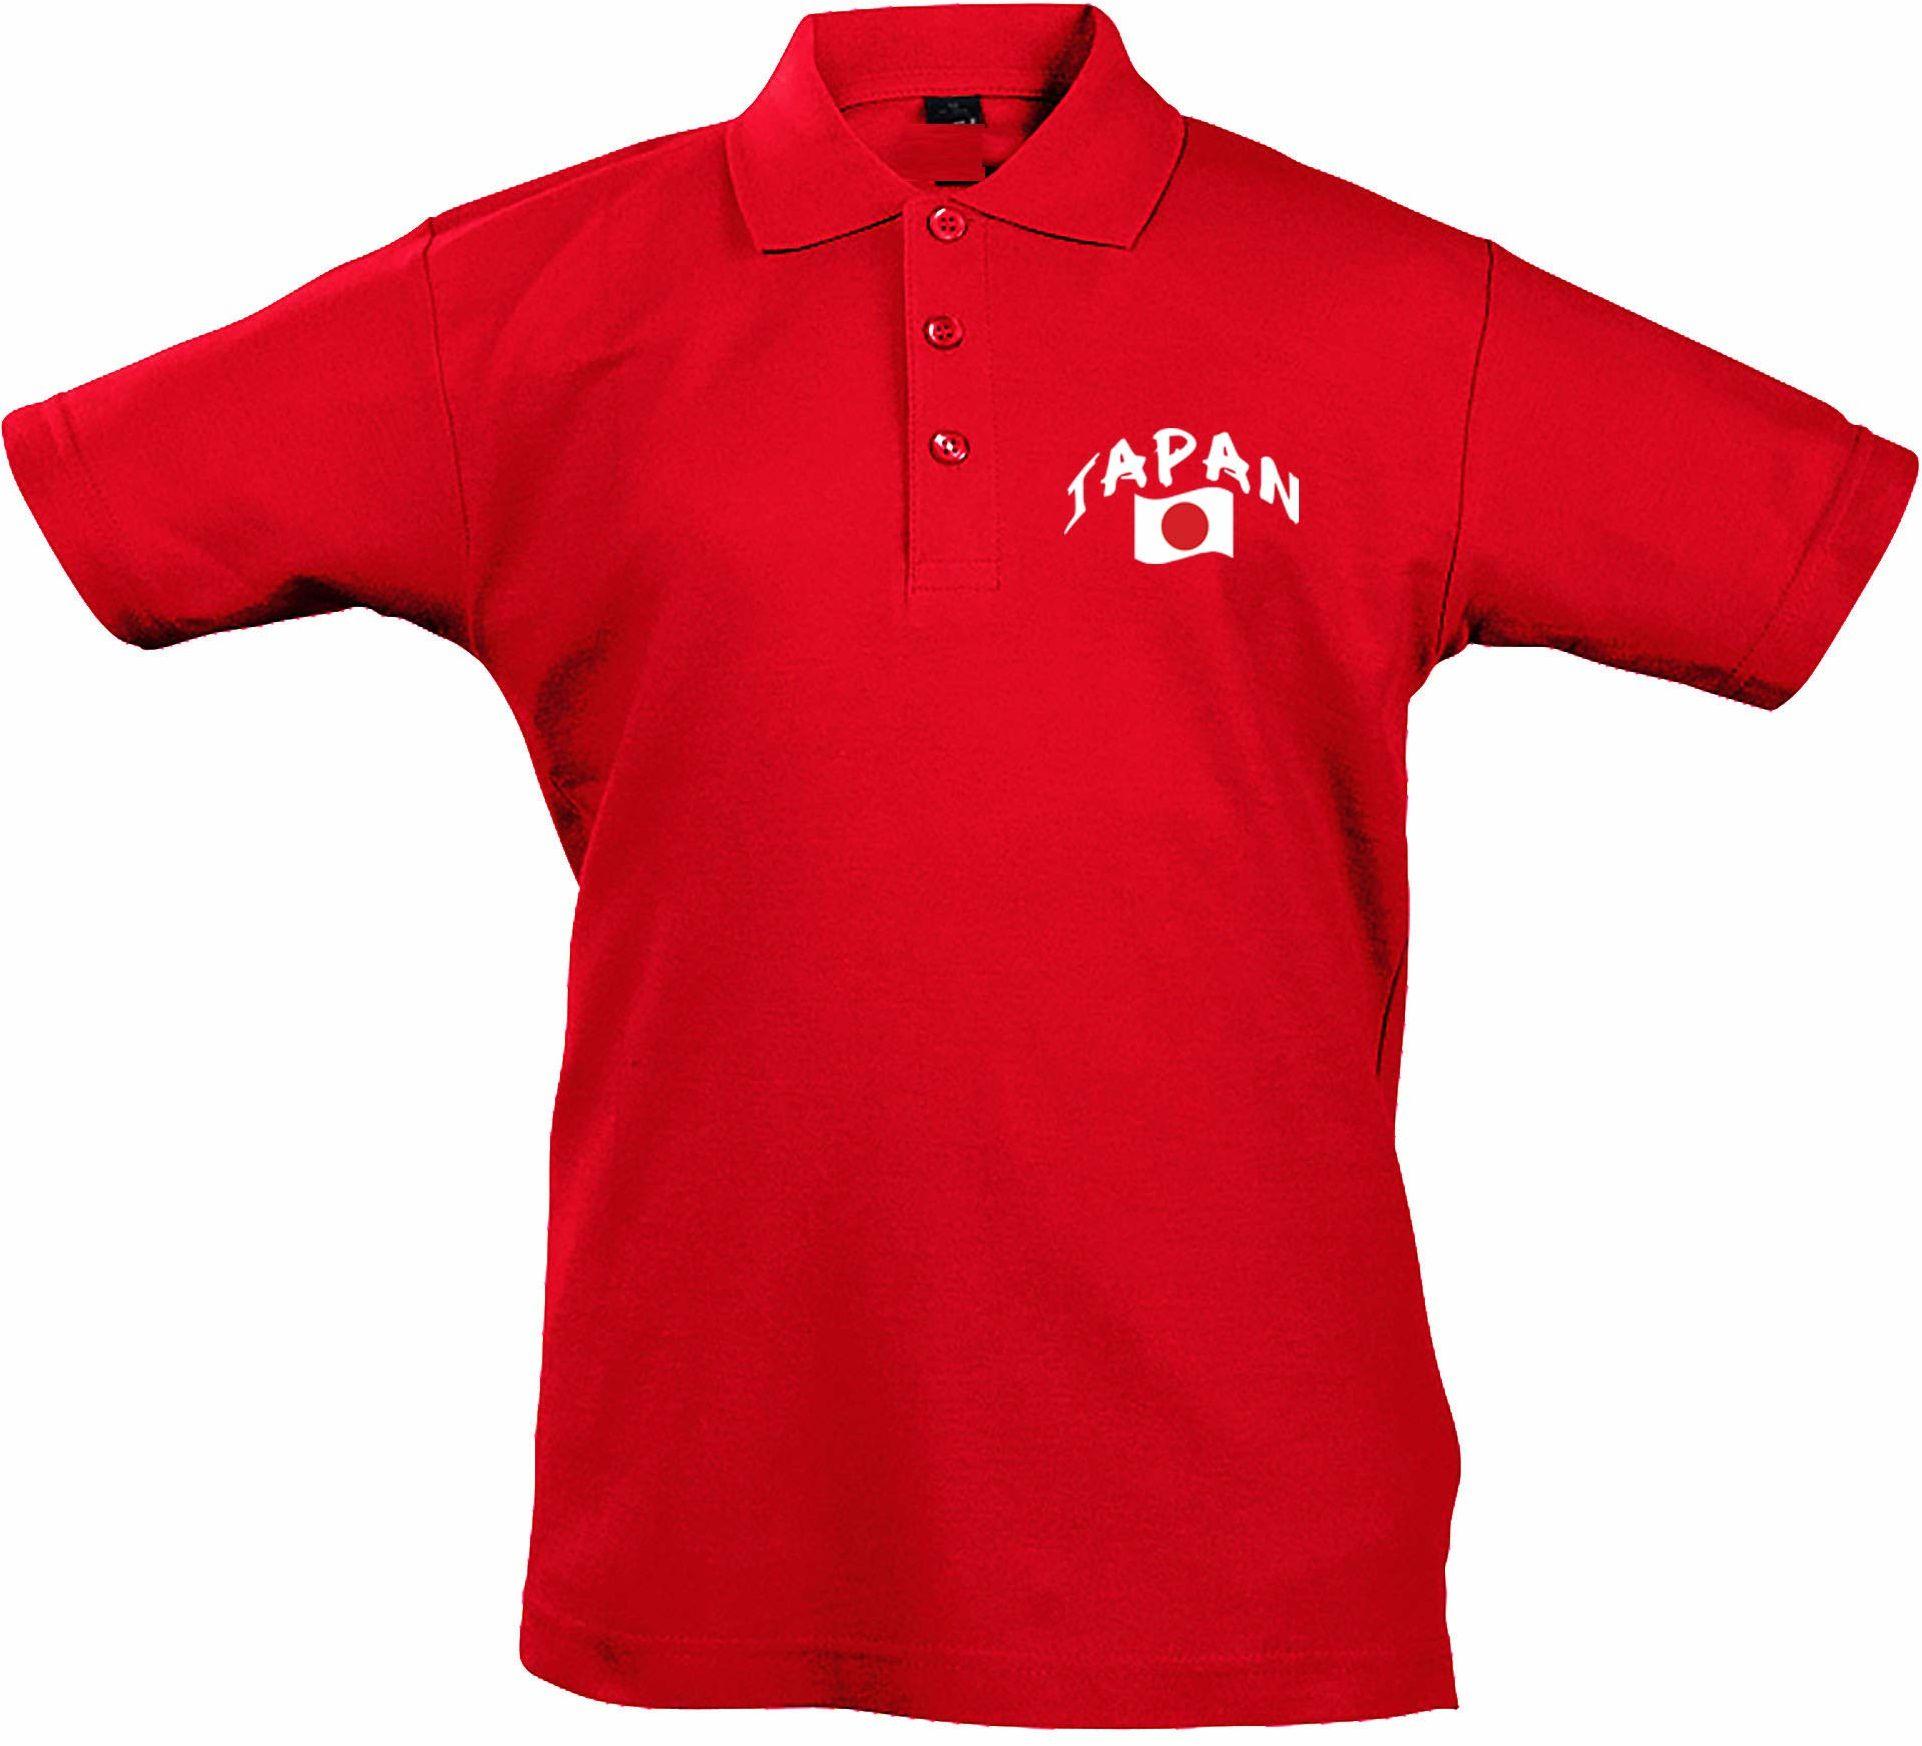 Supportershop Dziecięca koszulka polo Rugby Japan XL czerwona